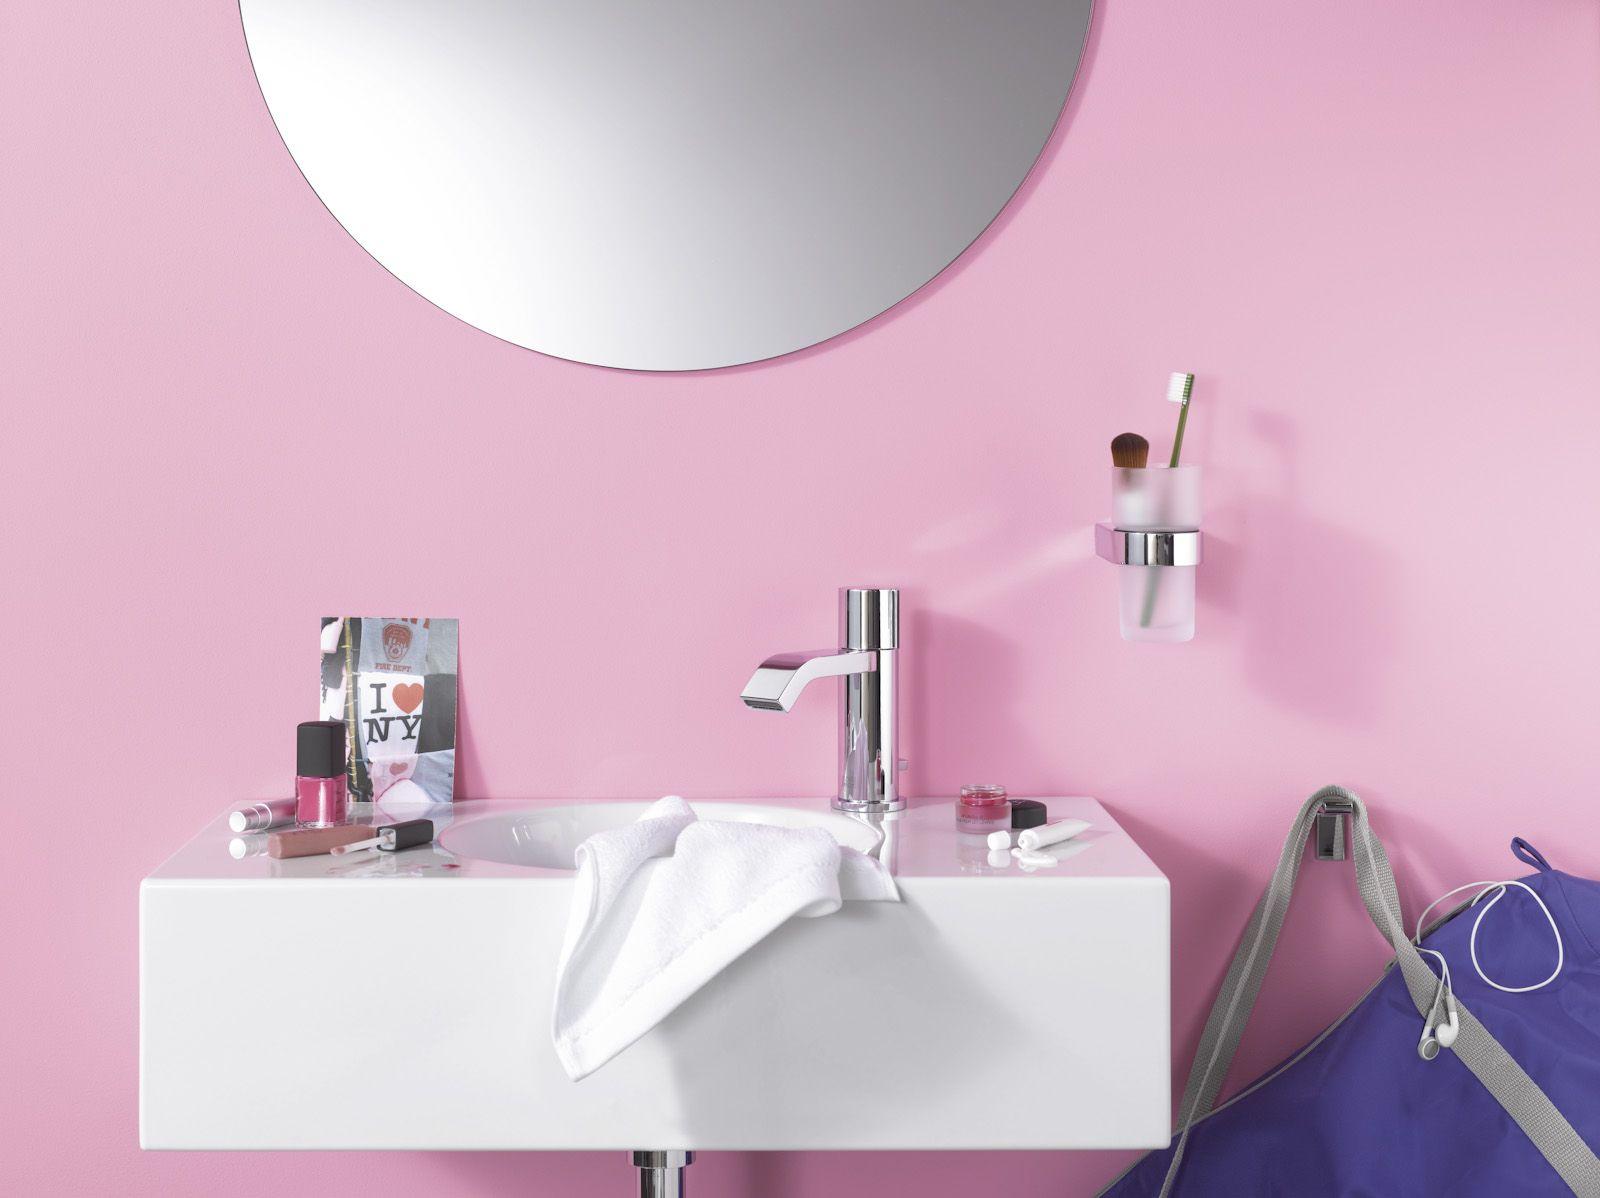 Pinkes Badezimmer ~ Die besten barbie badezimmer ideen auf barbie haus